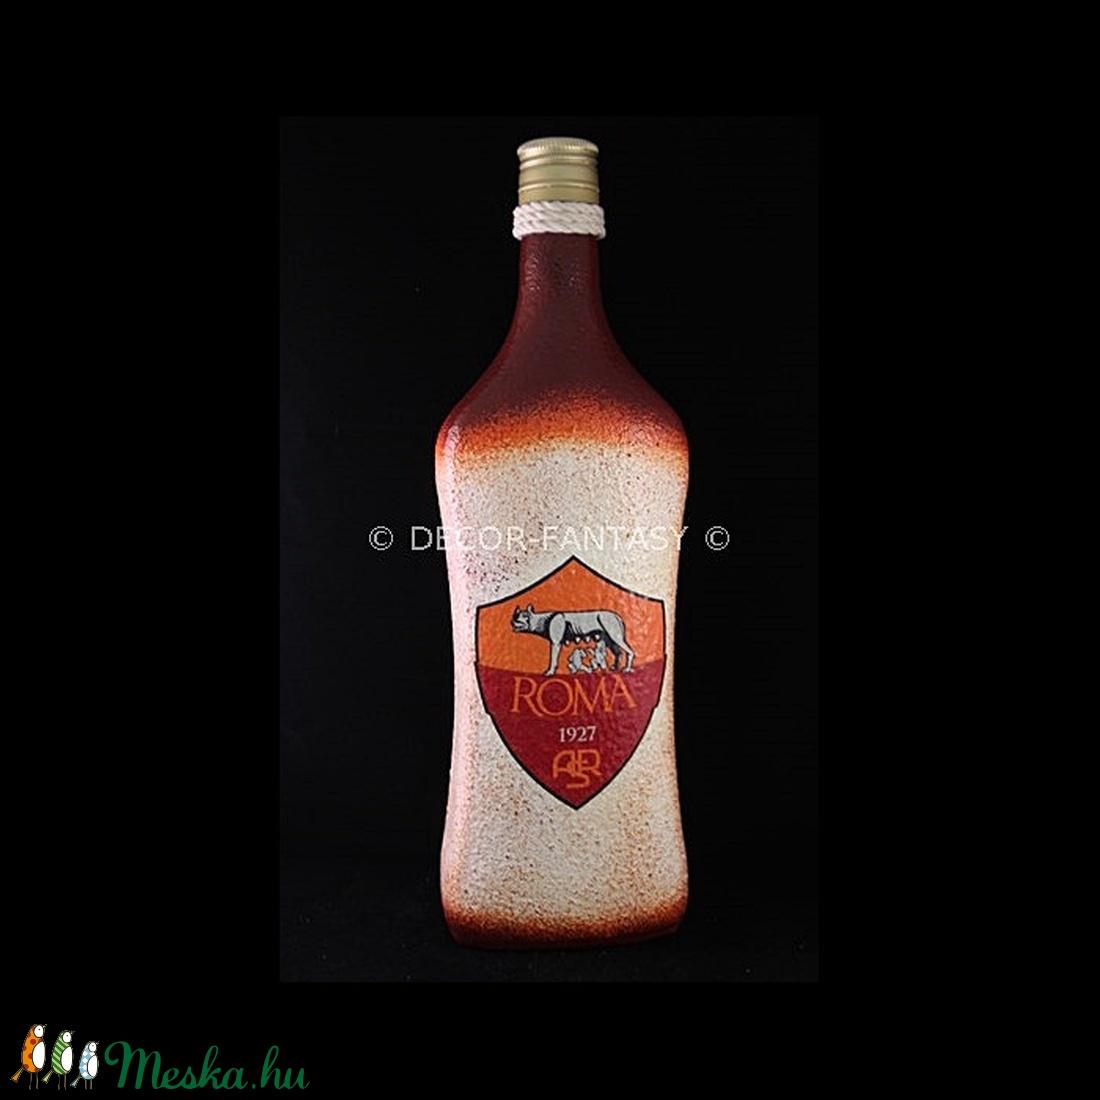 AS ROMA  emblémával díszített pálinkás üveg ( 1,0 l )  (decorfantasy) - Meska.hu